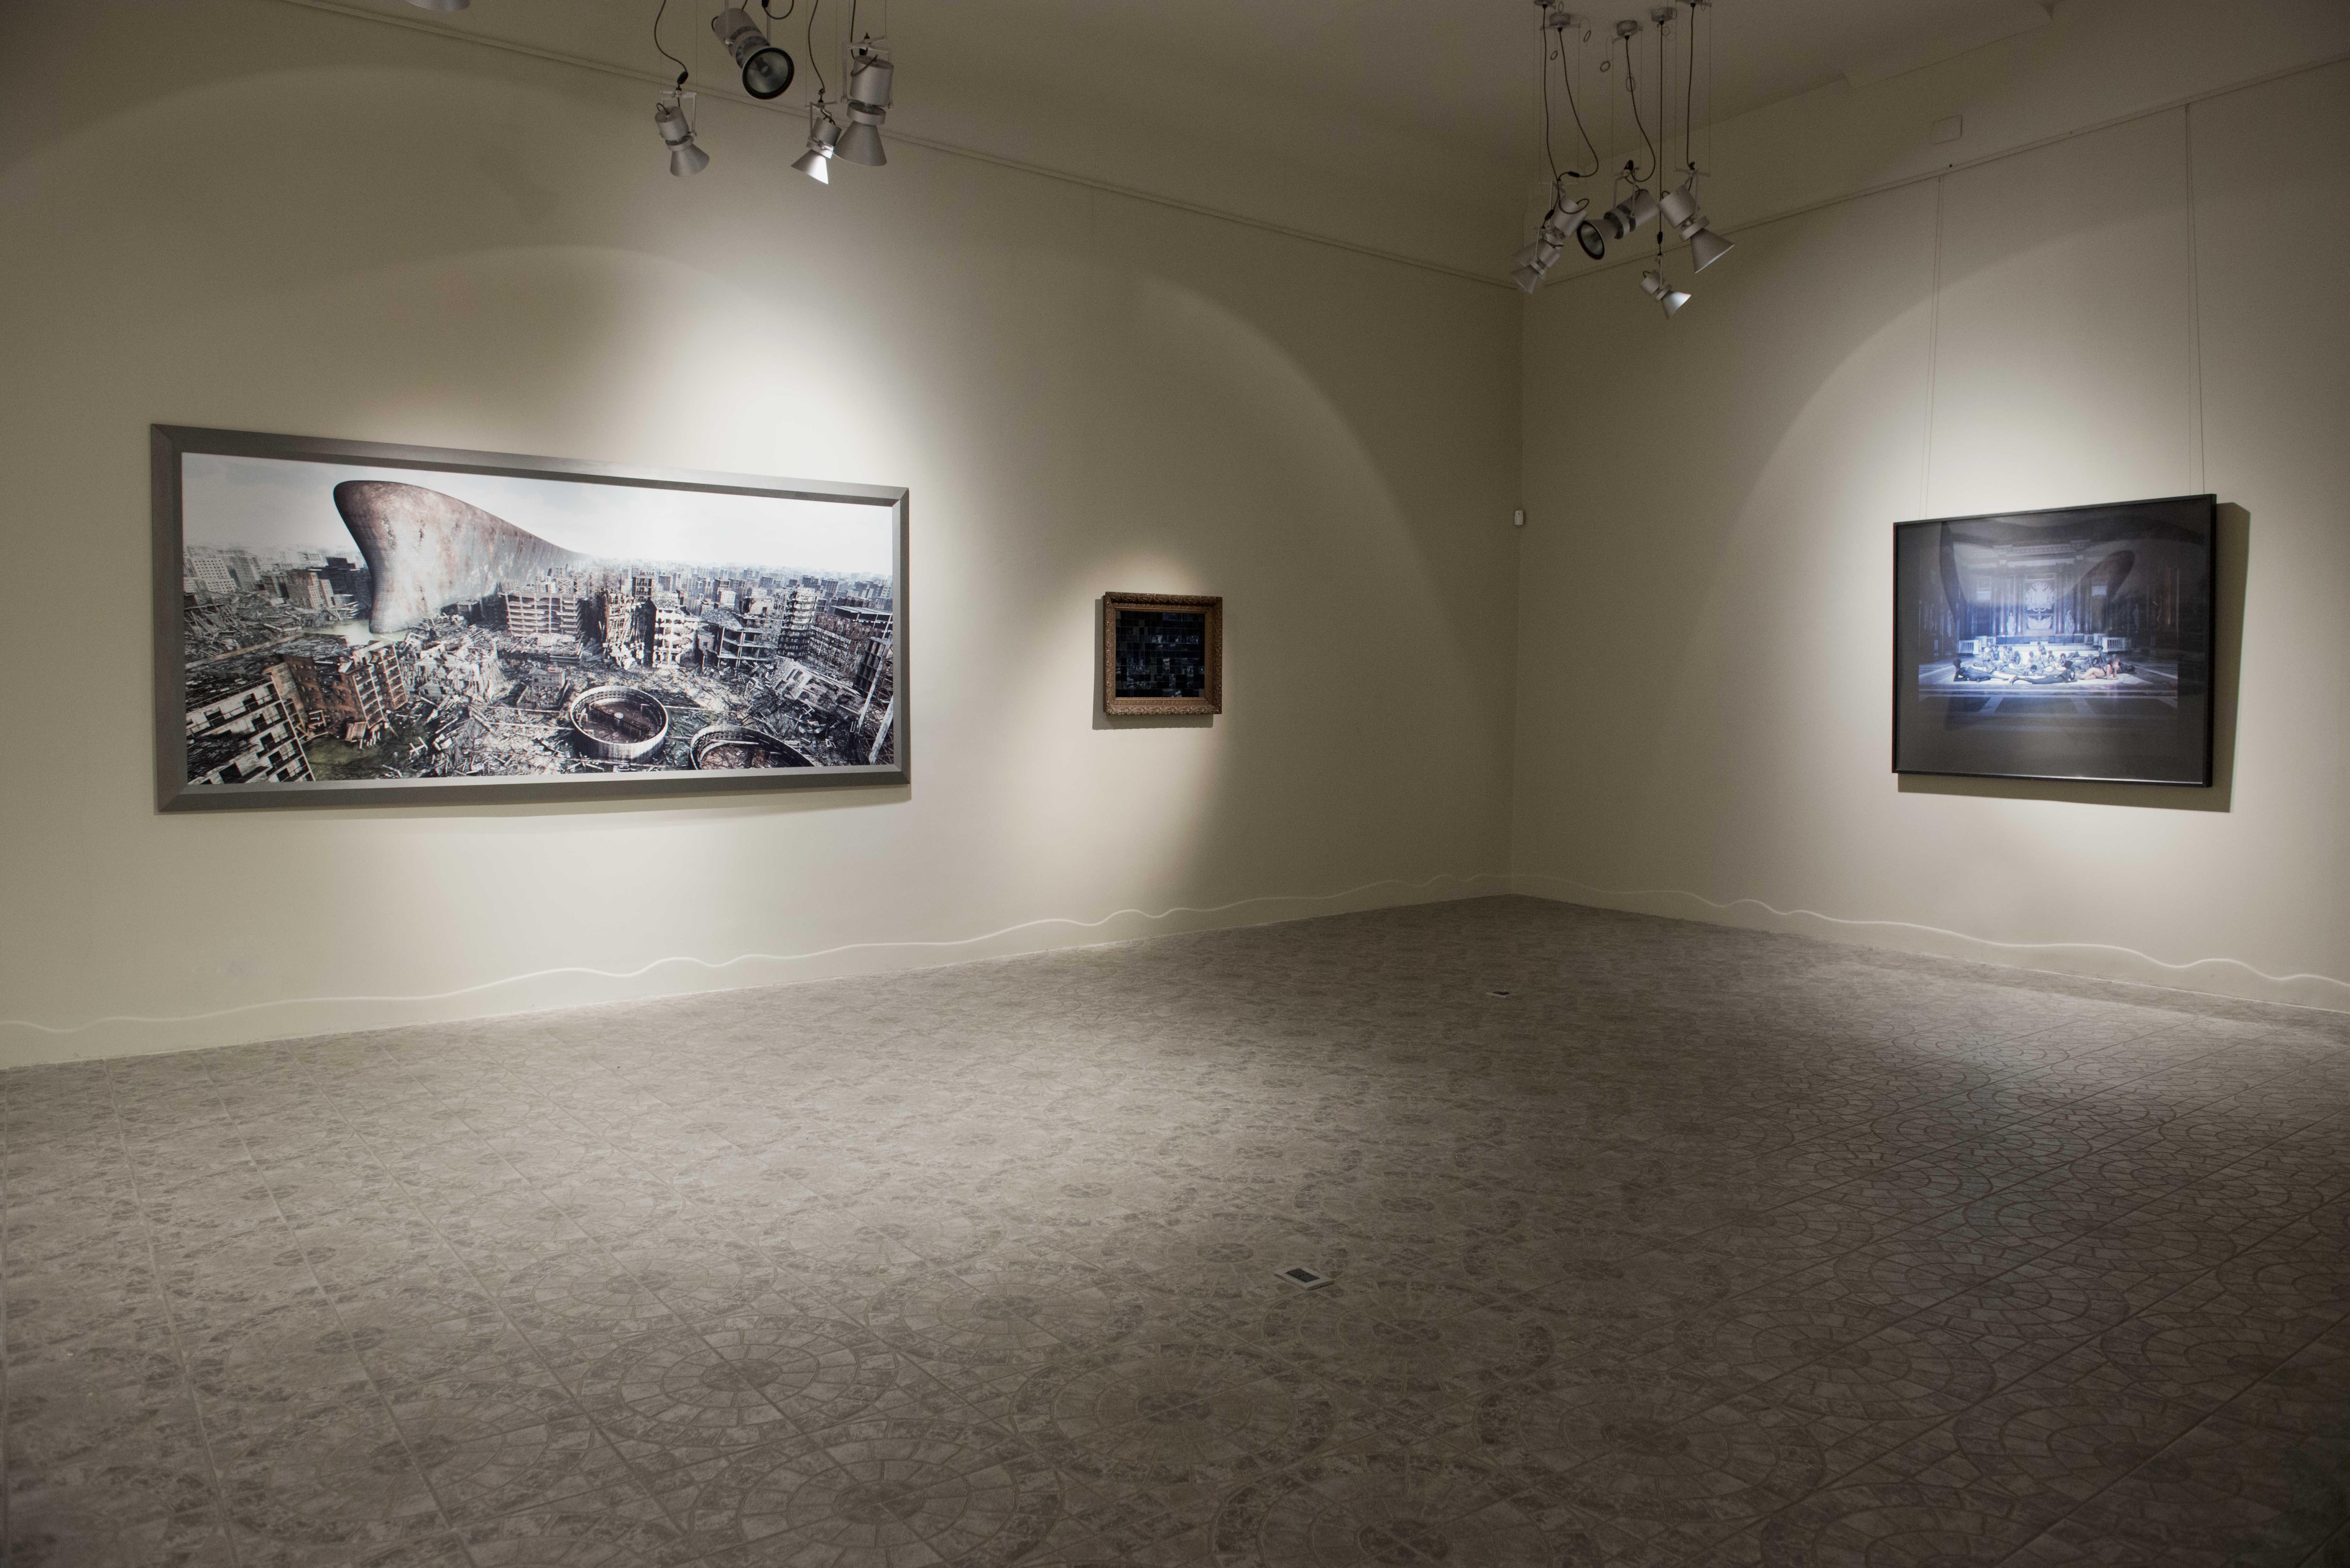 Mapping Identities, veduta della mostra in galleria, Guidi&Schoen Arte Contemporanea, Genova. Foto: Nuvola Ravera